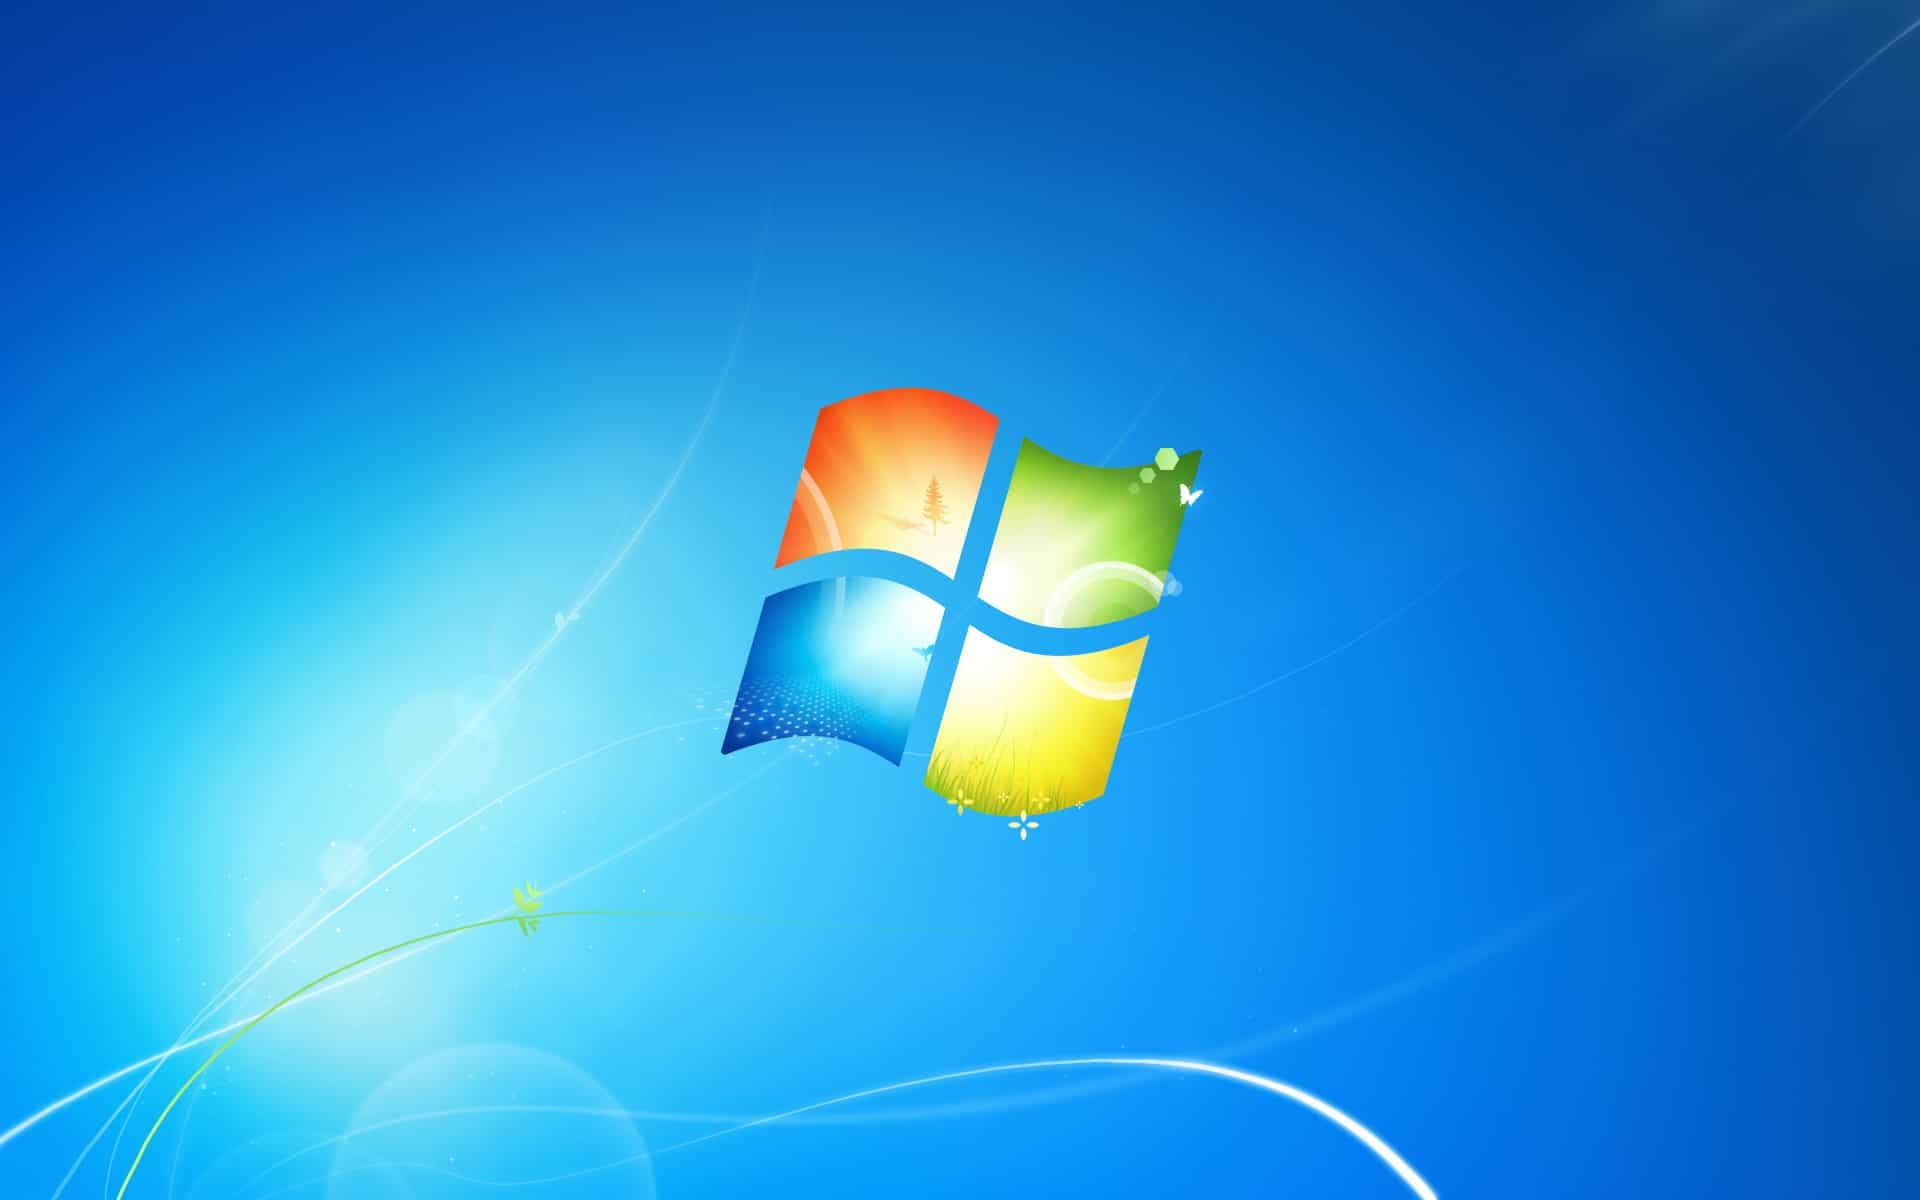 Windows 7 : après une réinstallation Windows Update ne trouve pas de mises à jour !